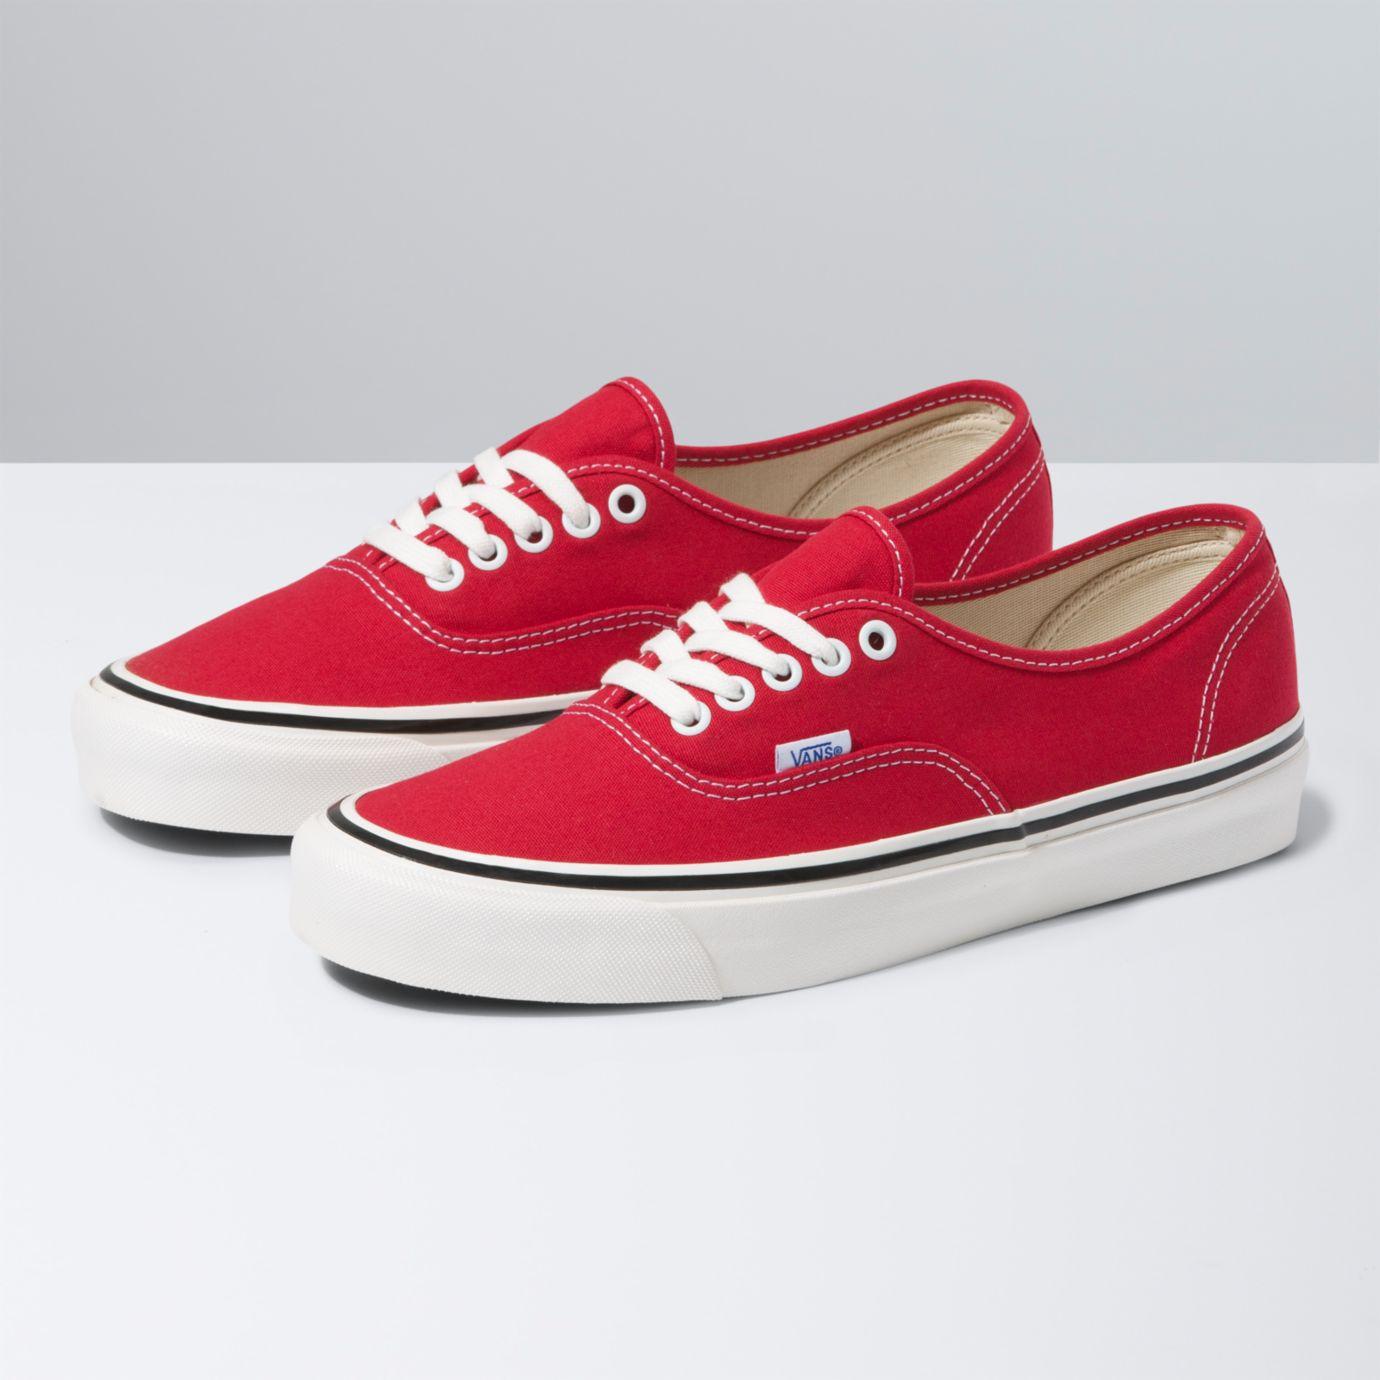 Vans Releases Footwear Pack Inspired by Original Anaheim Factory